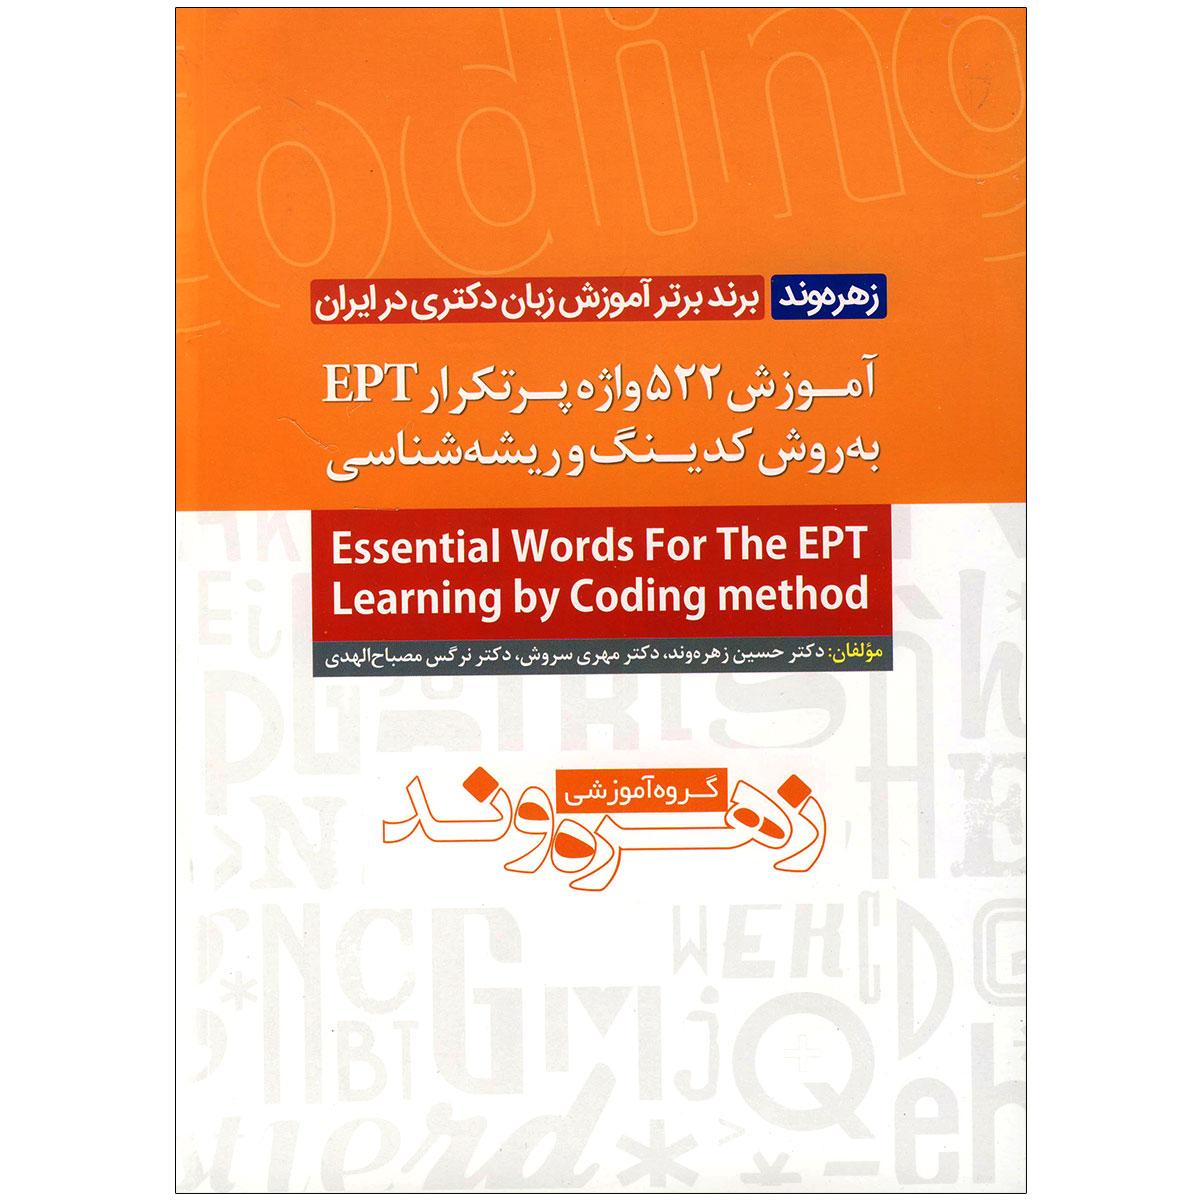 خرید                      کتاب آموزش 522 واژه پرتکرار Ept به روش کدبندی و ریشه شناسی اثر جمعی از نویسندگان انتشارات سروش برتر